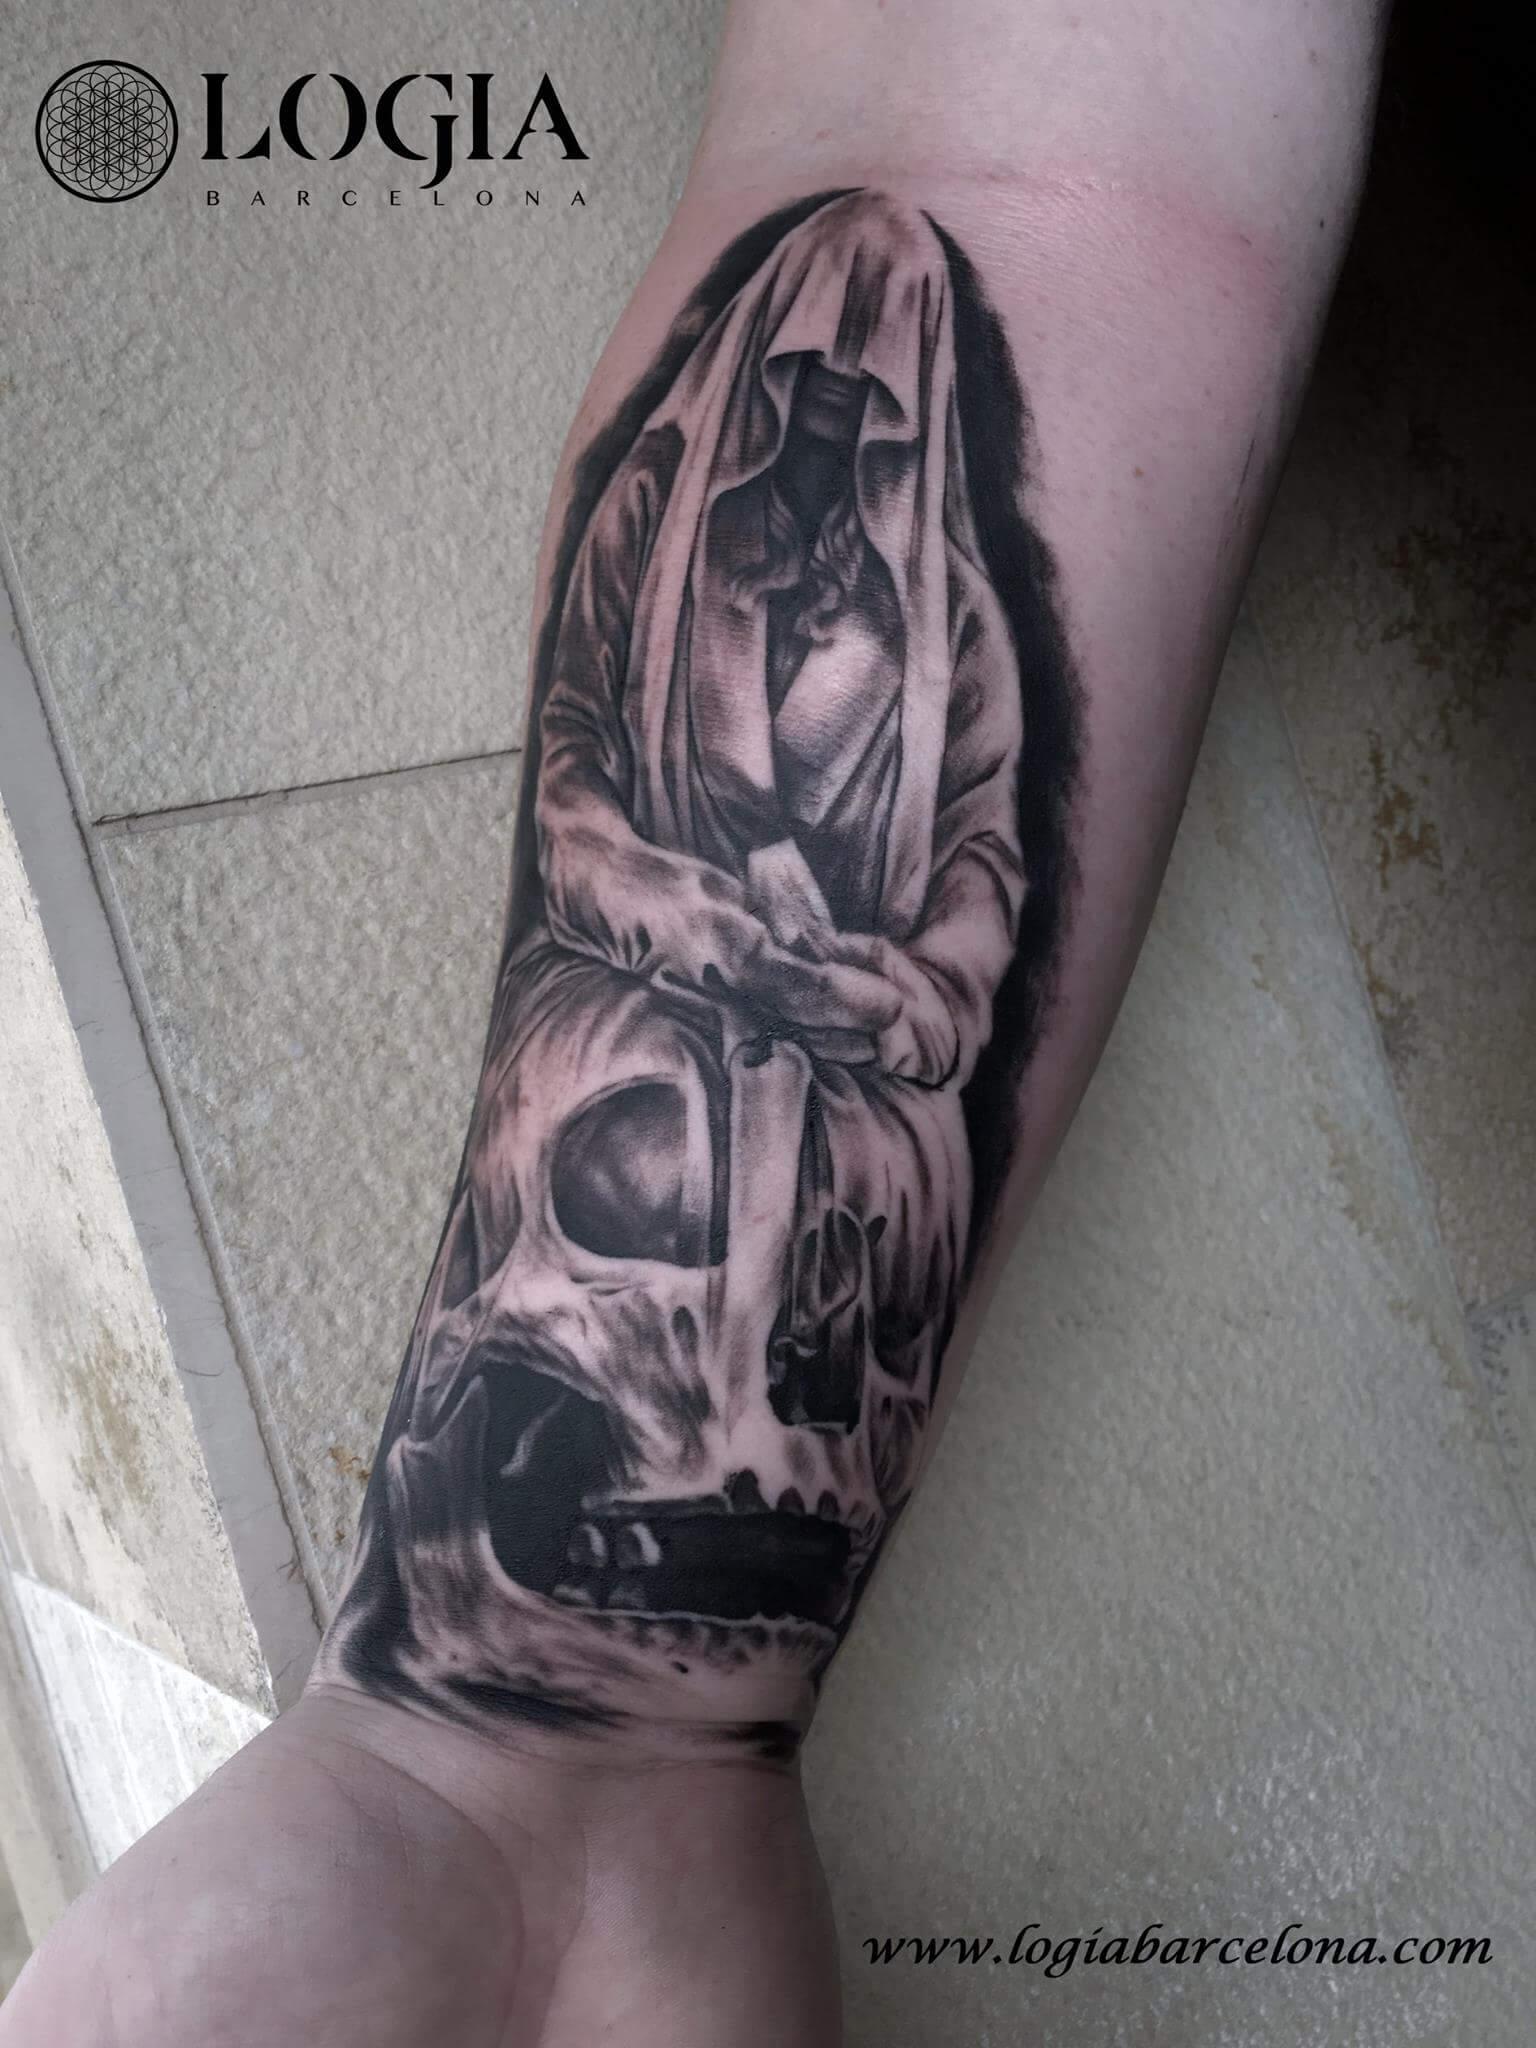 Tatuaje de la parca: el fin de un ciclo